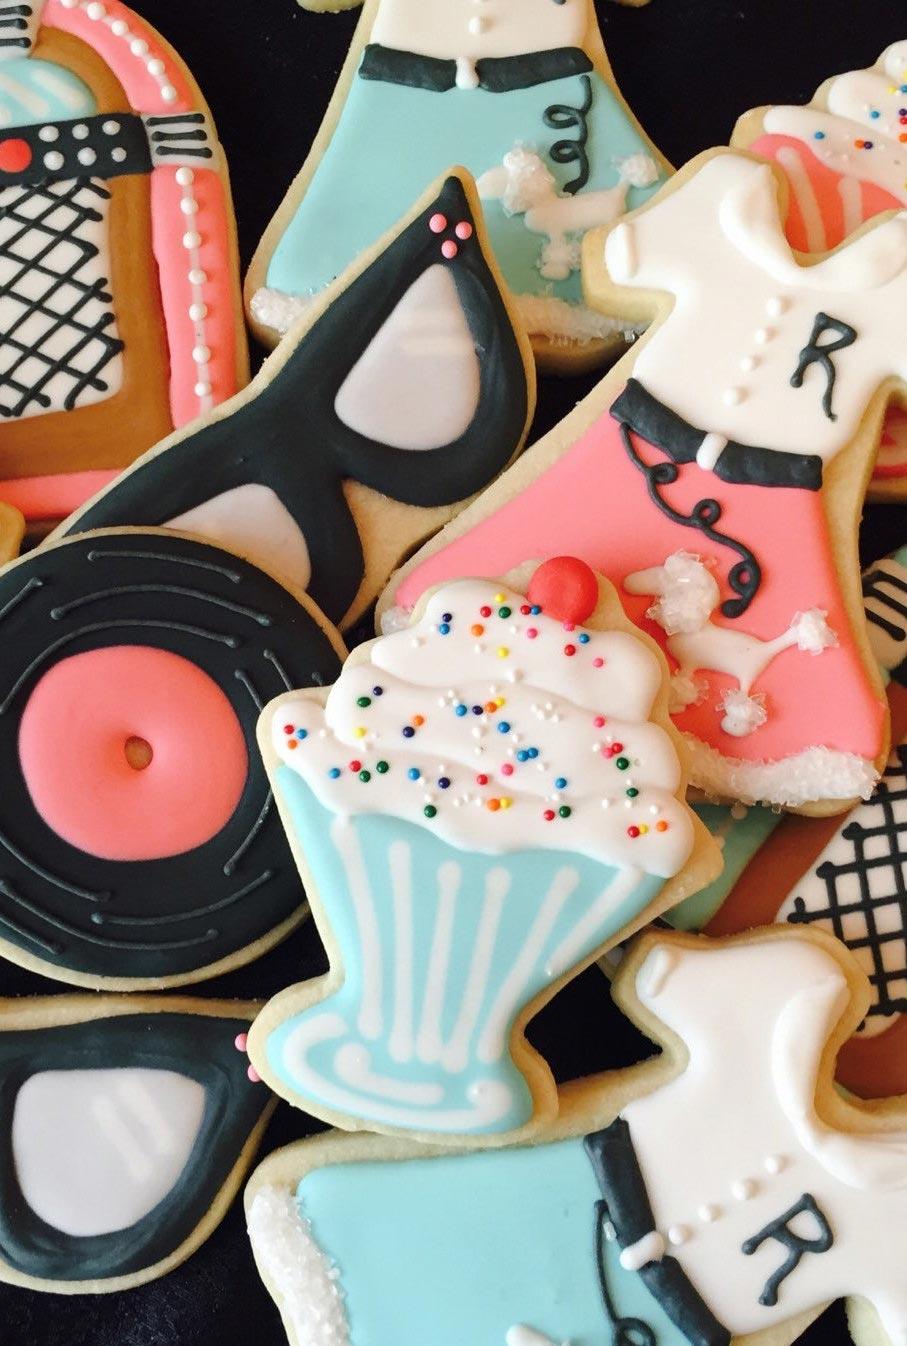 Doces antigos anos 50: biscoitinhos confeitados abrem o apetite!